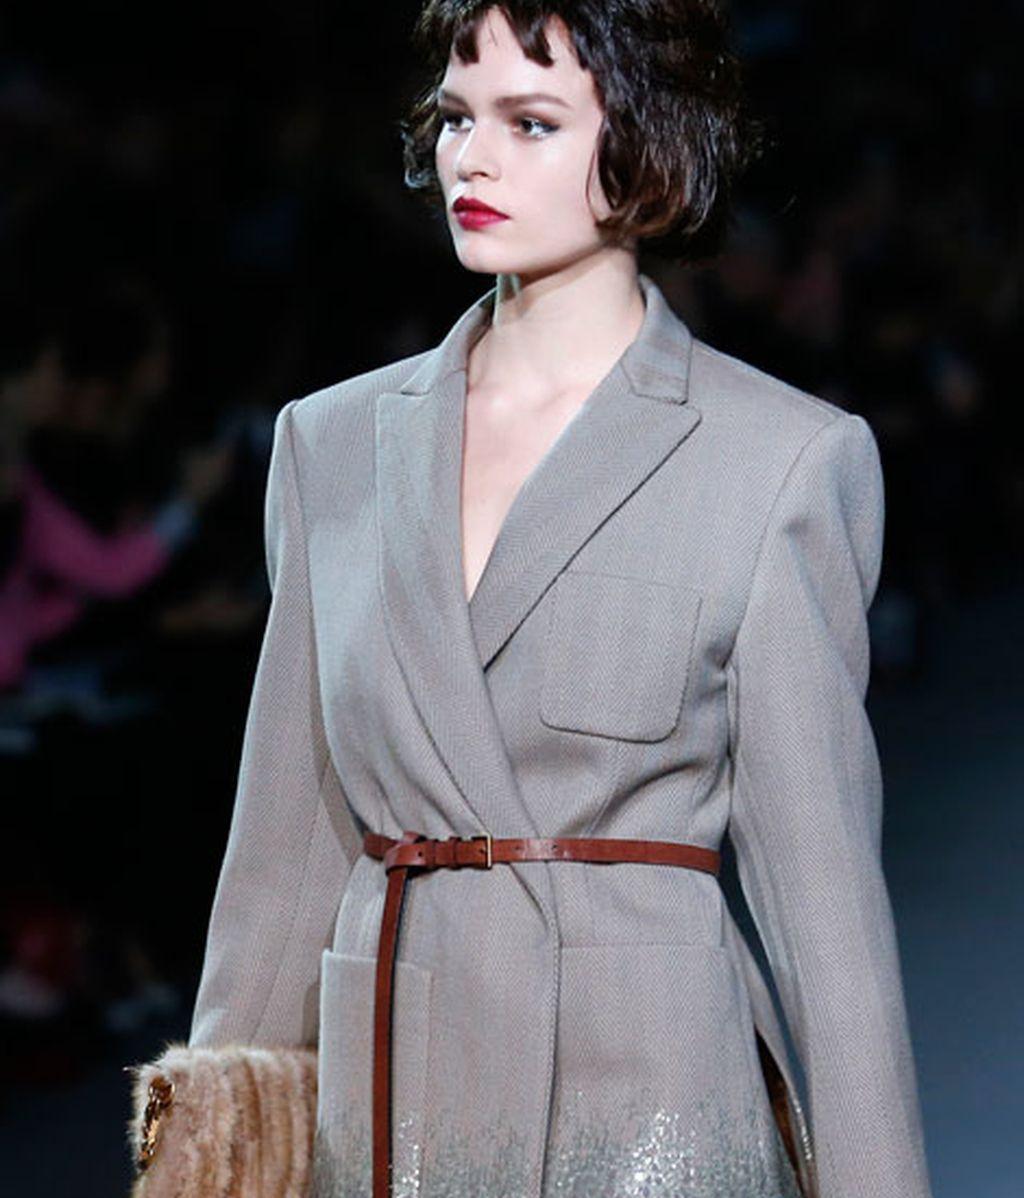 Desfila en la pasarela de París para el diseñador de Louis Vuitton